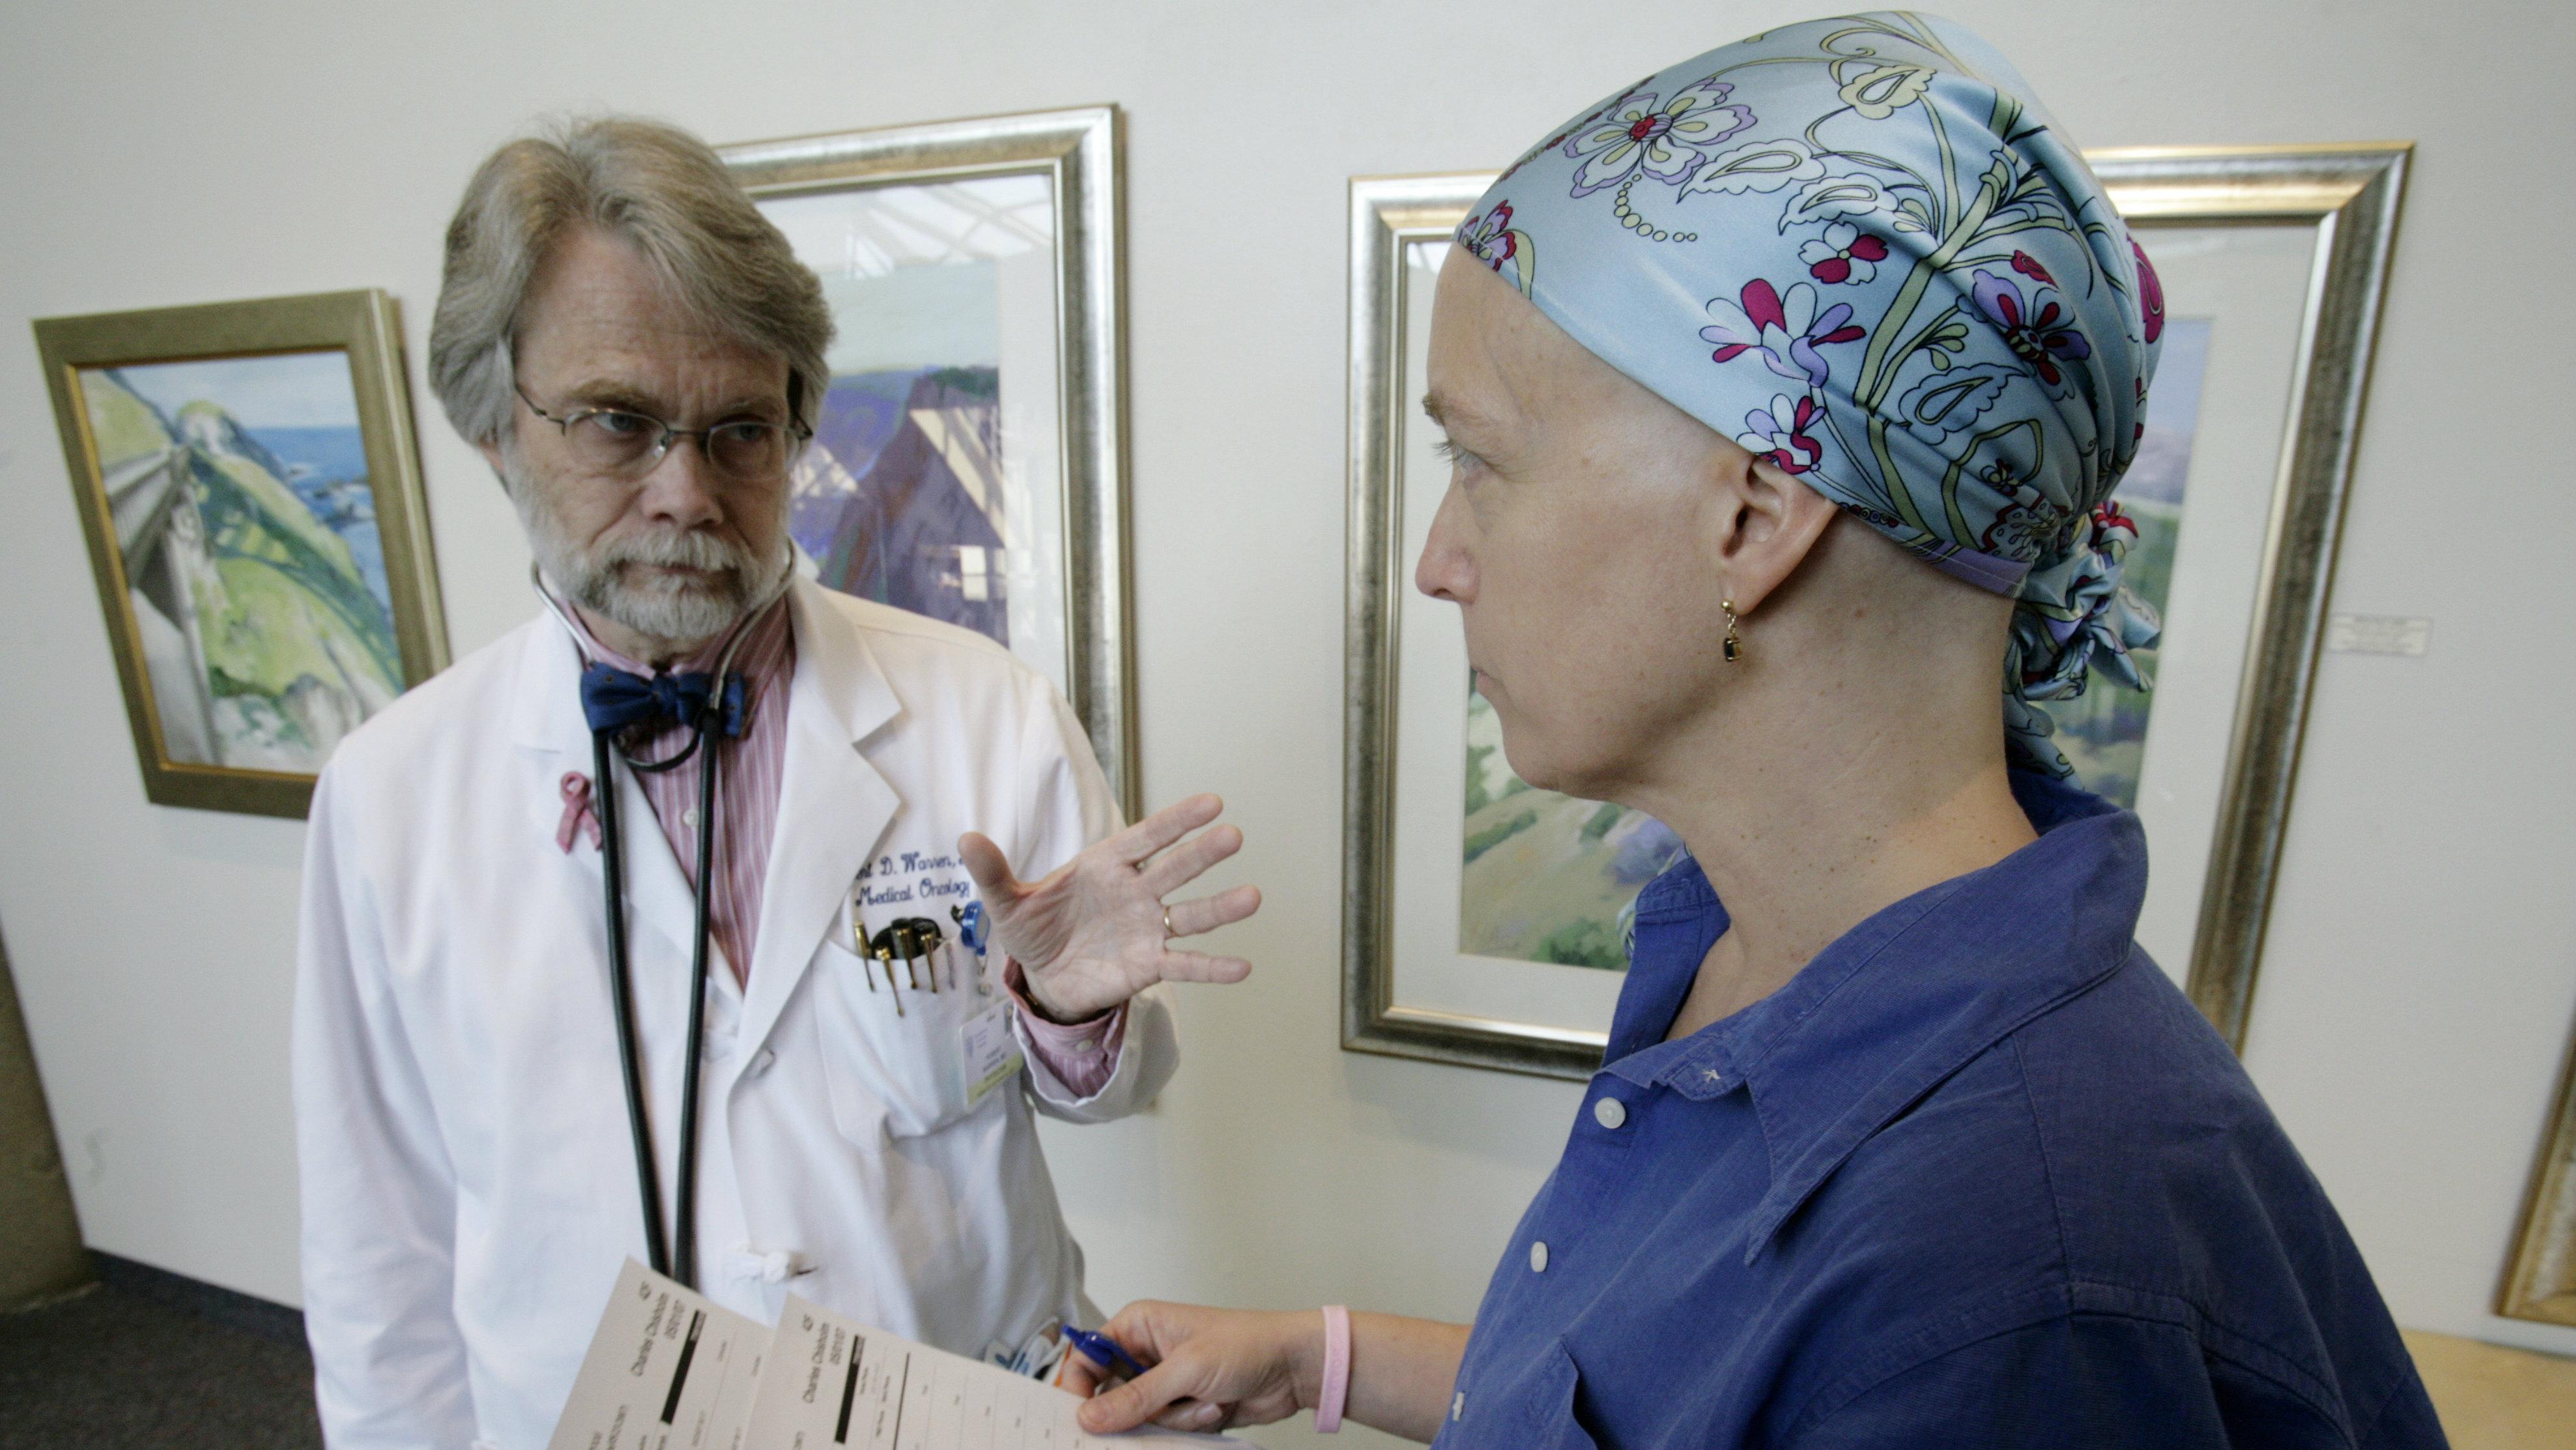 oncologistpatient